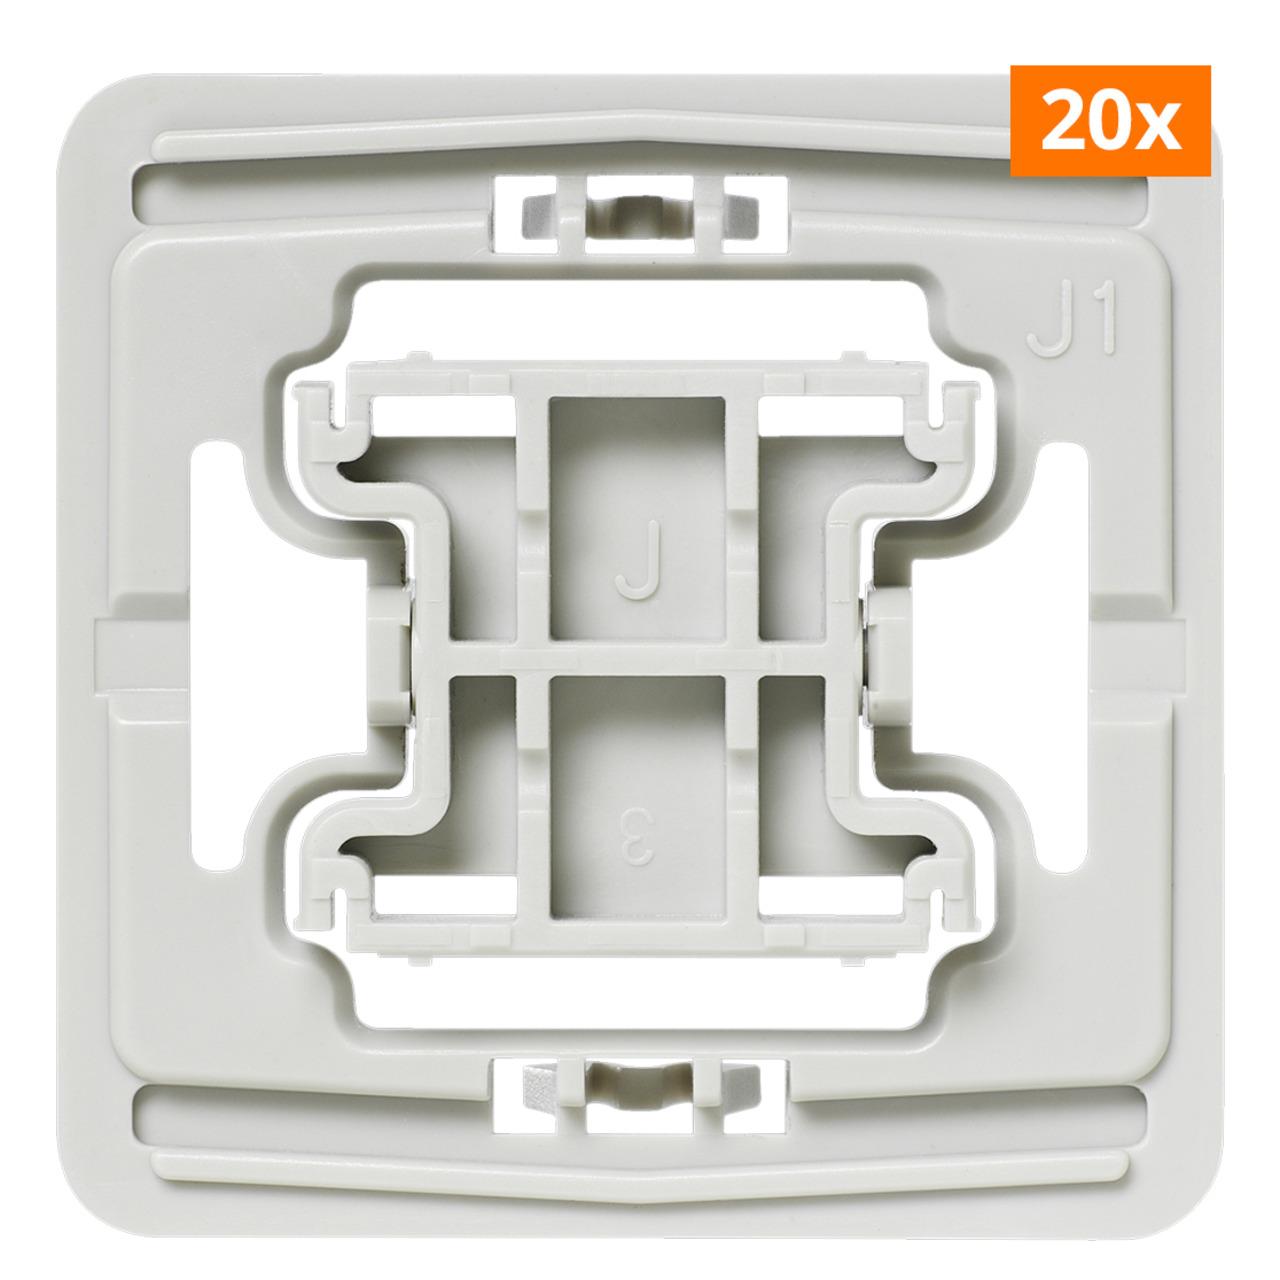 Installationsadapter für Jung-Schalter- J1- 20er-Set für Smart Home - Hausautomation